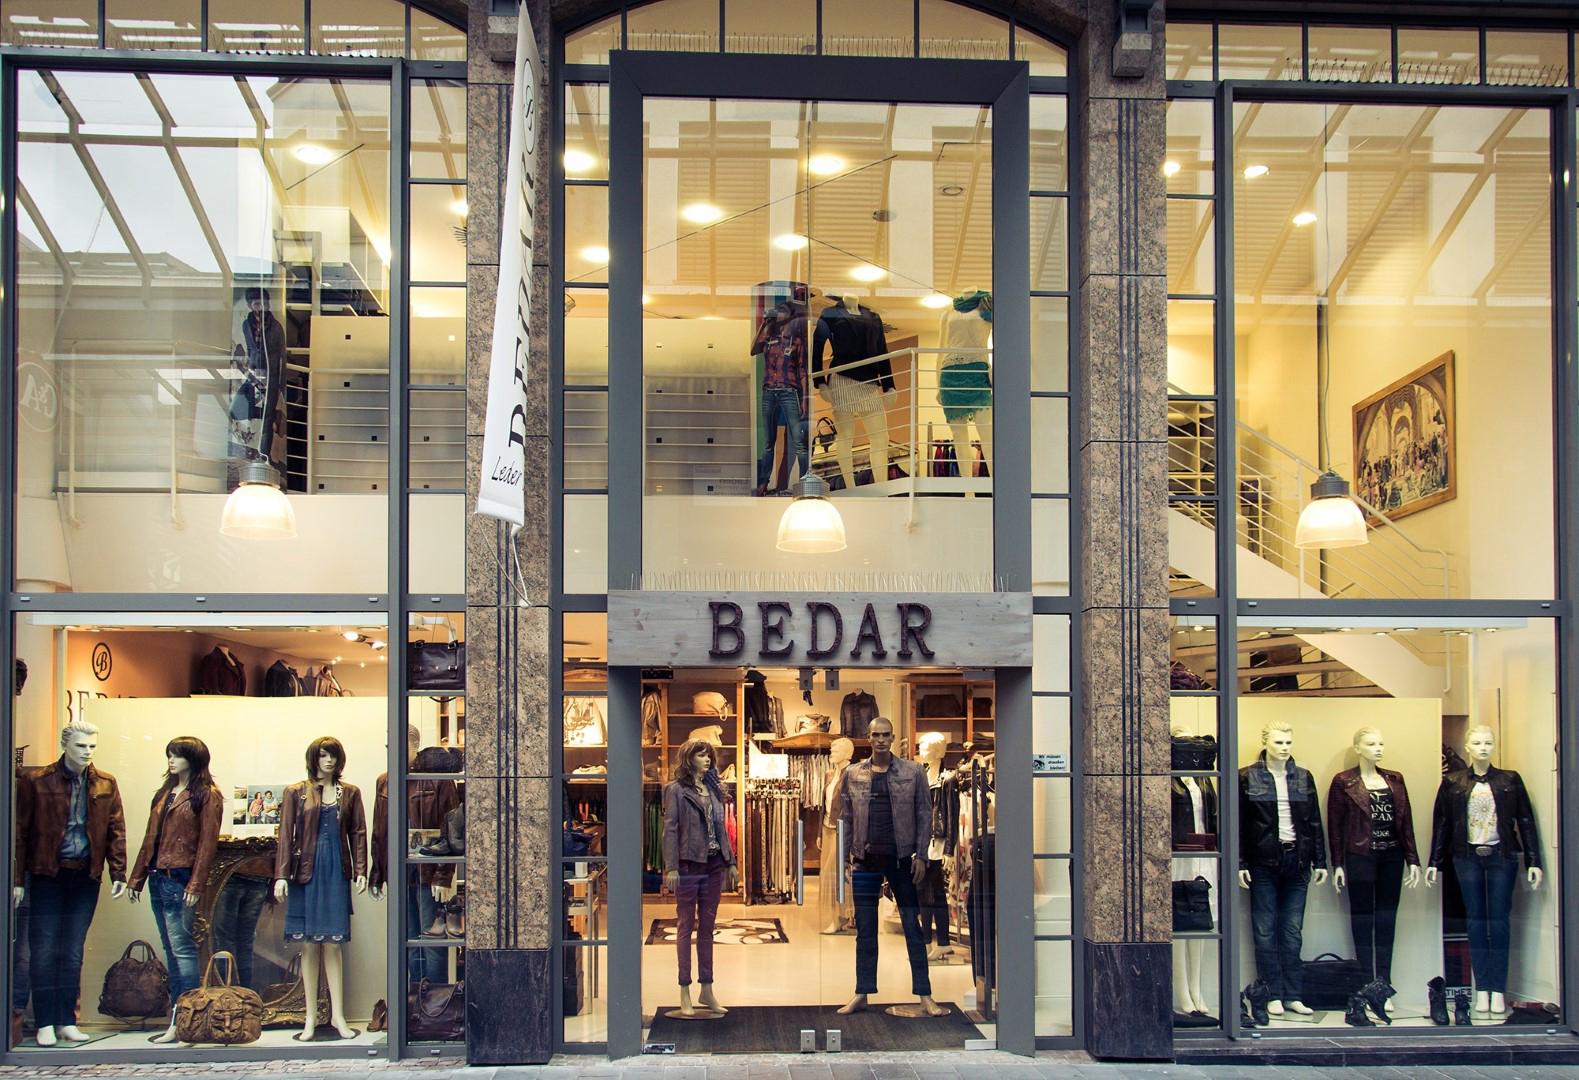 Das Bild zeigt die Geschäftsfront von Bedar Leder & Style